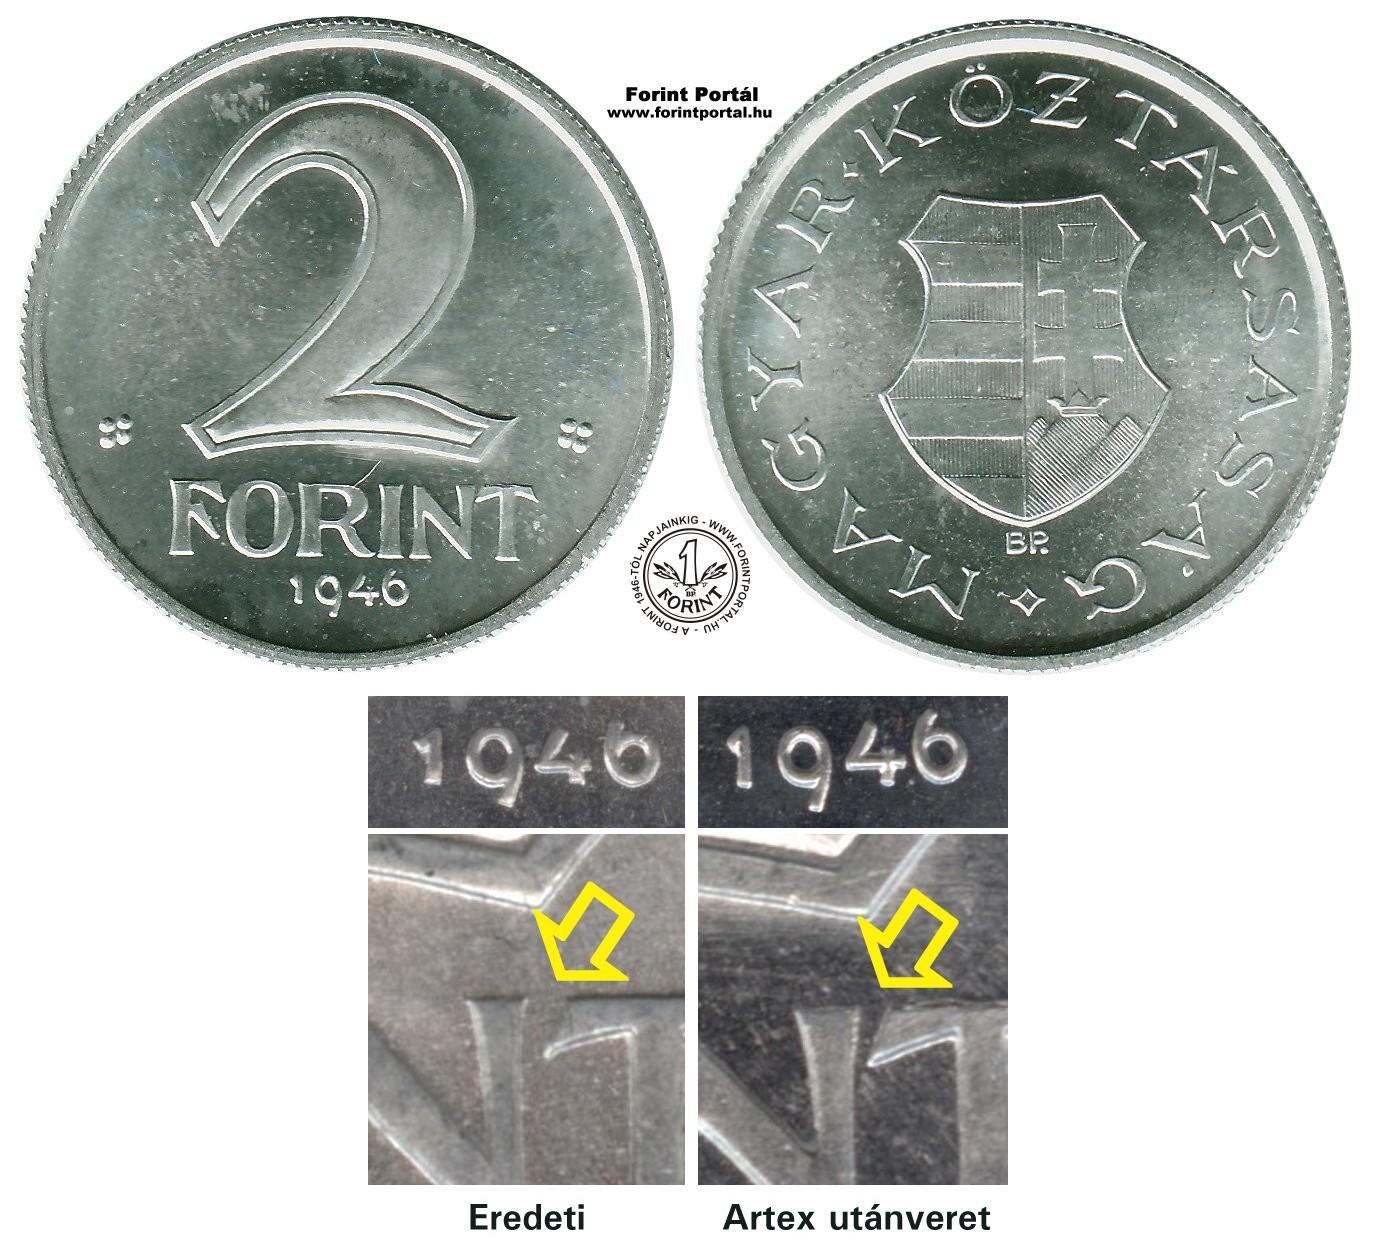 http://www.forintportal.hu/ritkasagkatalogus/2_forint/www_forintportal_hu_1946_2forint_utanveret_artex.jpg